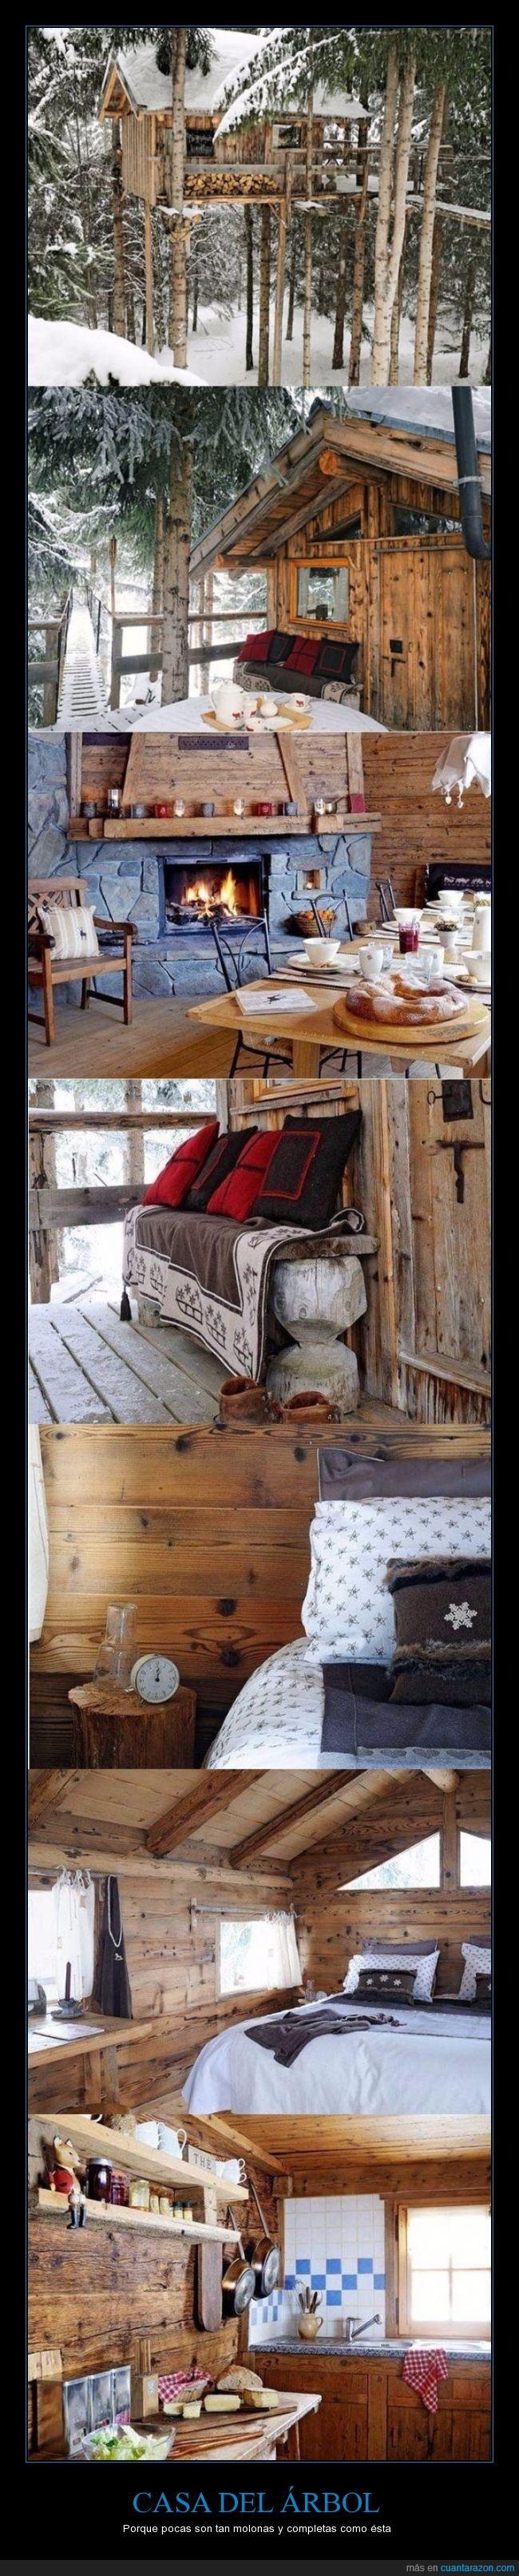 acomodada,arbol,cama,casa,frio,nieve,ventana